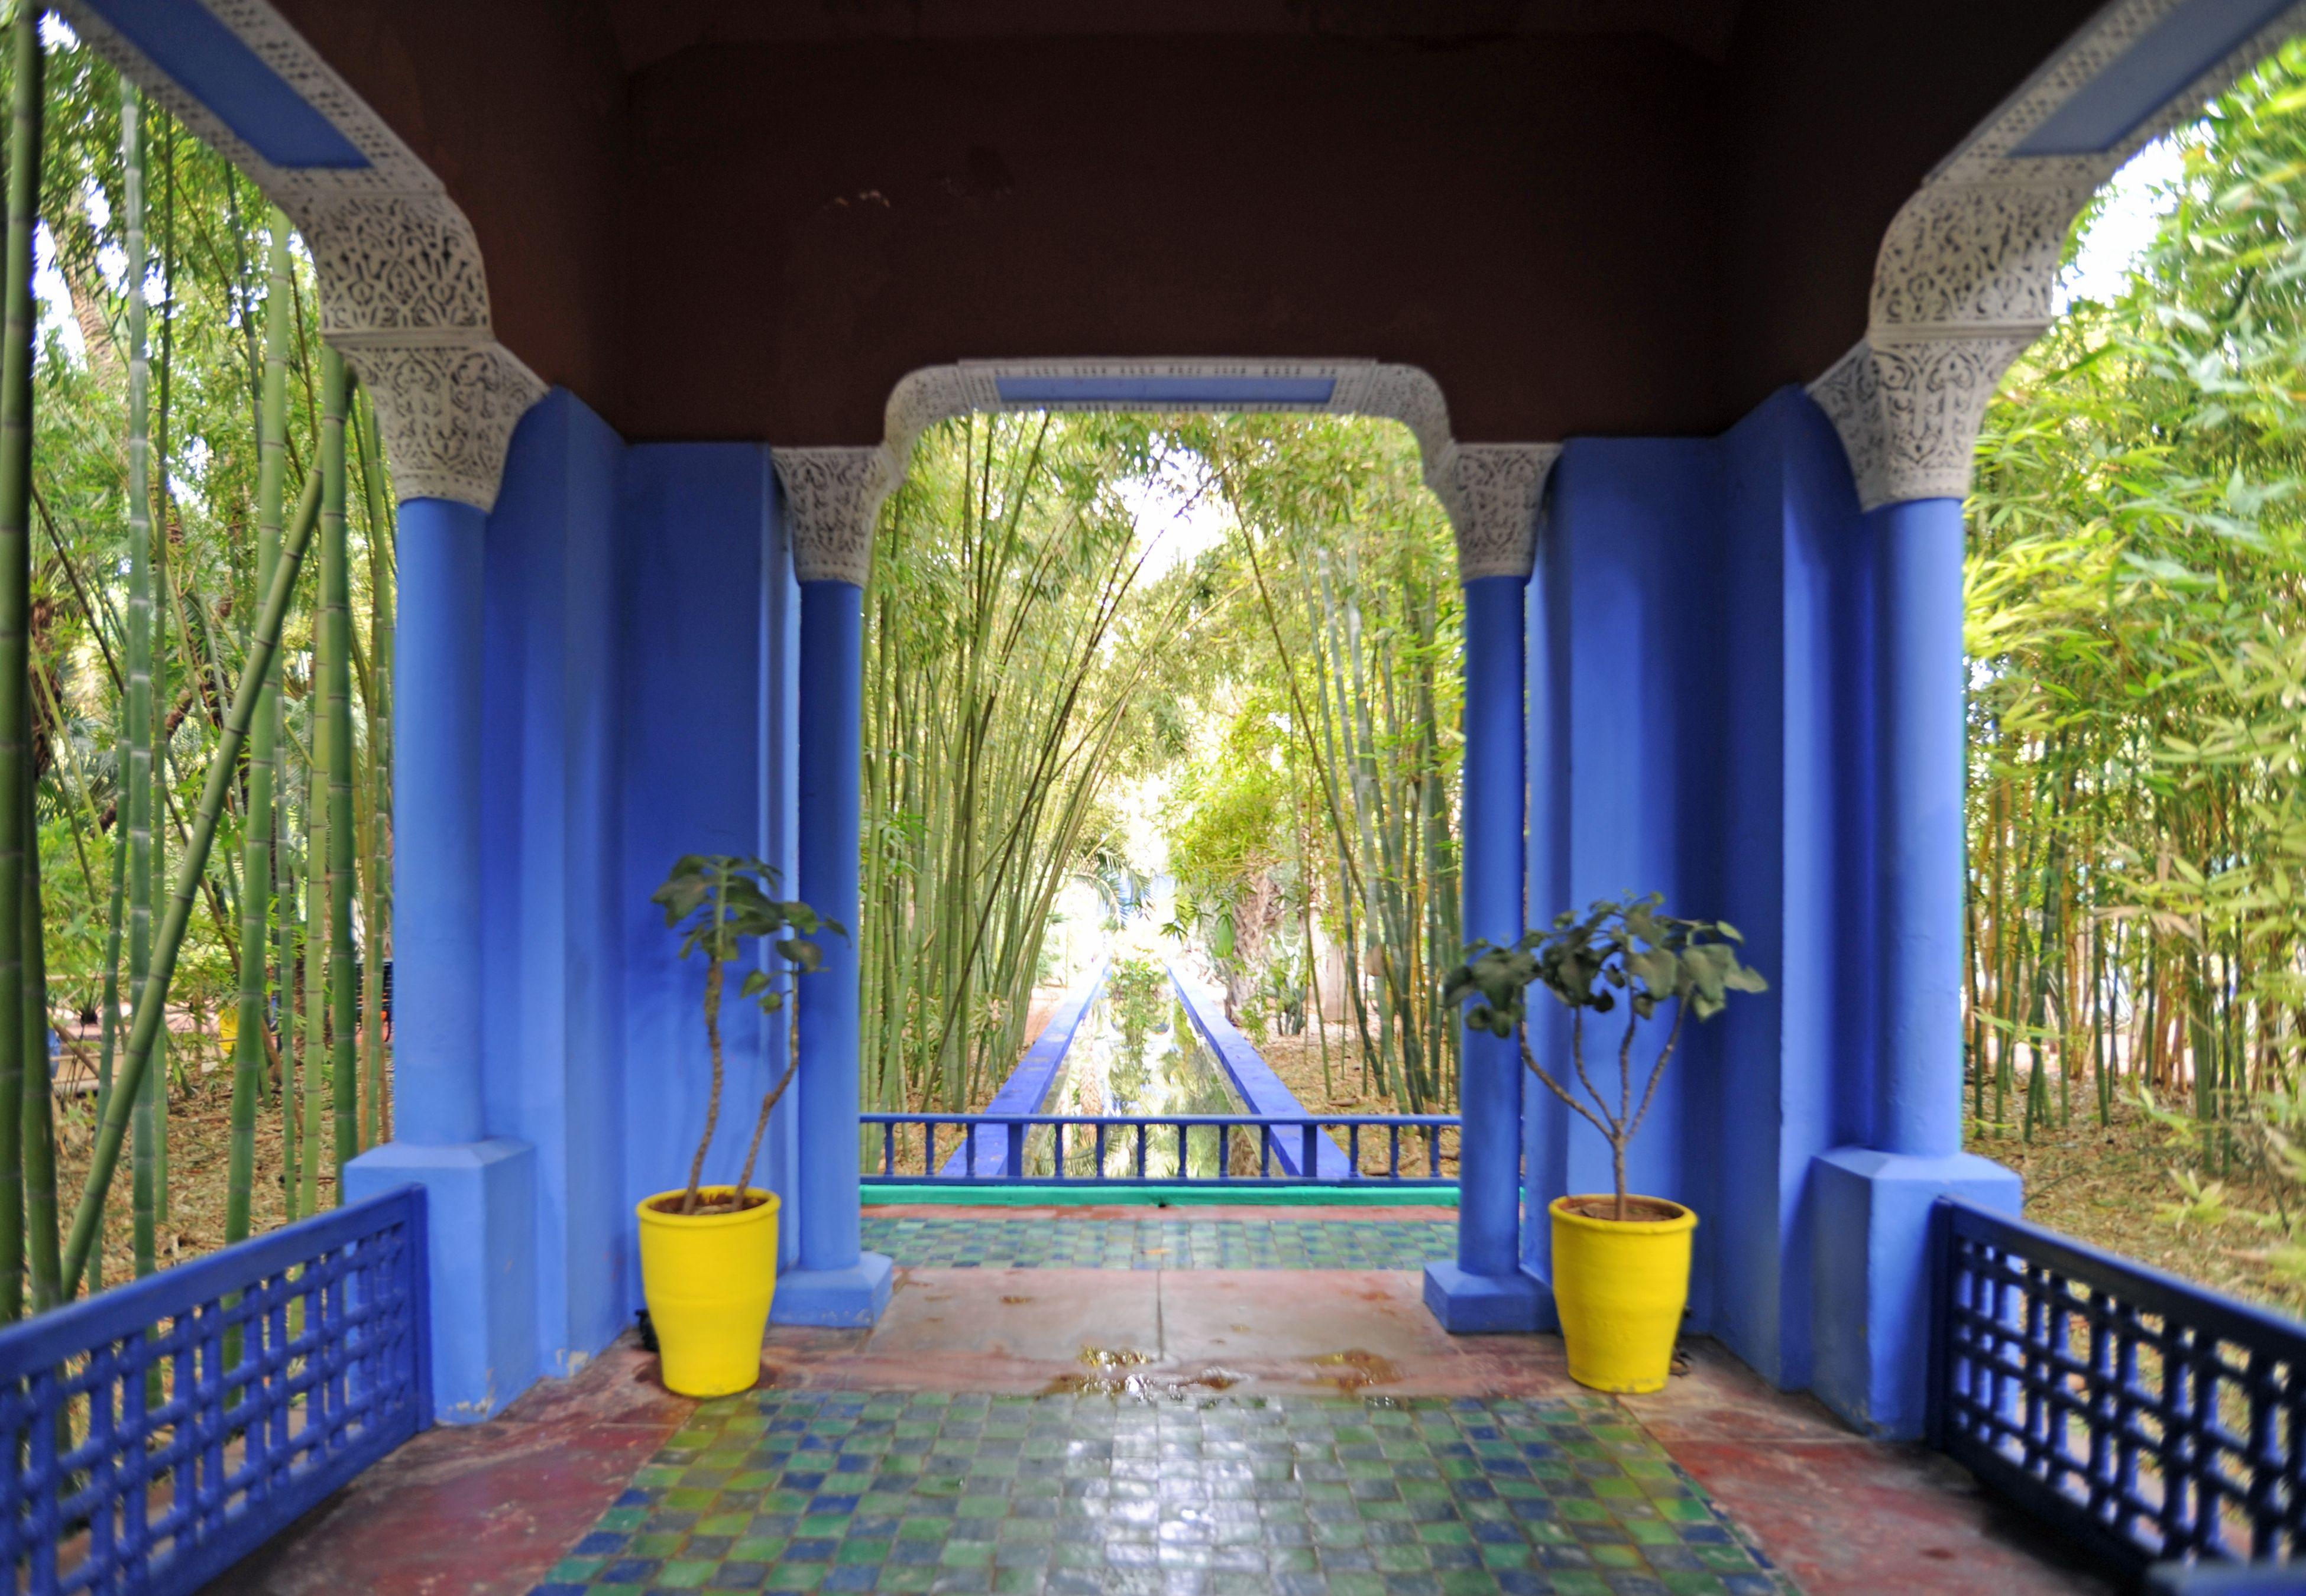 afficher l 39 image d 39 origine jardin pinterest jardin majorelle jardins et veranda jardin. Black Bedroom Furniture Sets. Home Design Ideas